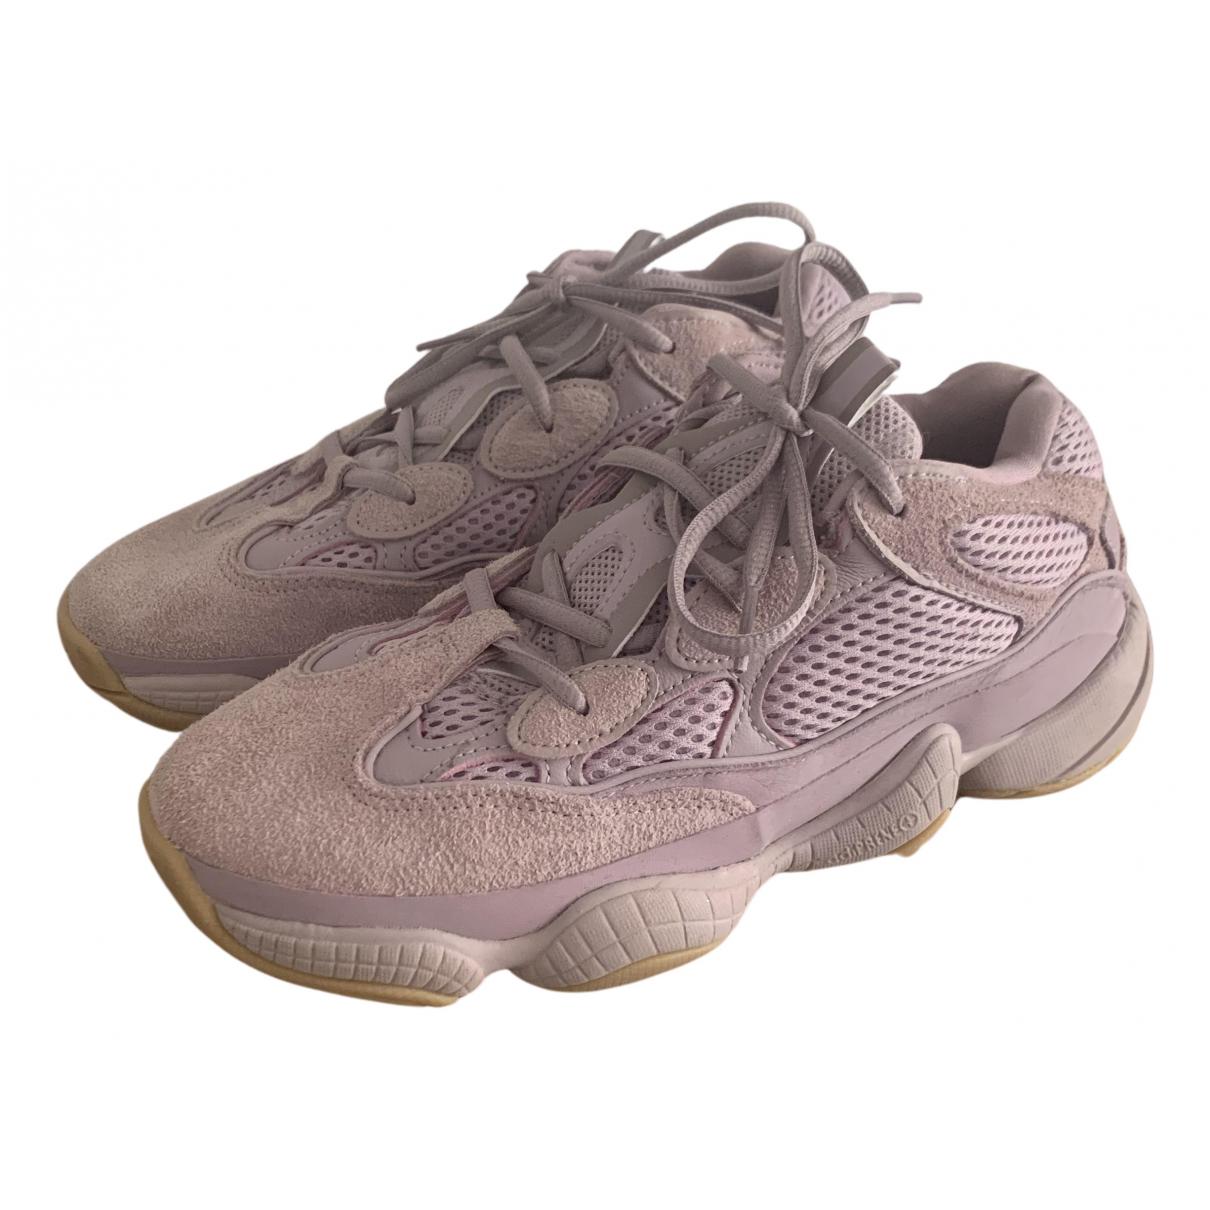 Yeezy X Adidas - Baskets 500 pour femme en suede - violet